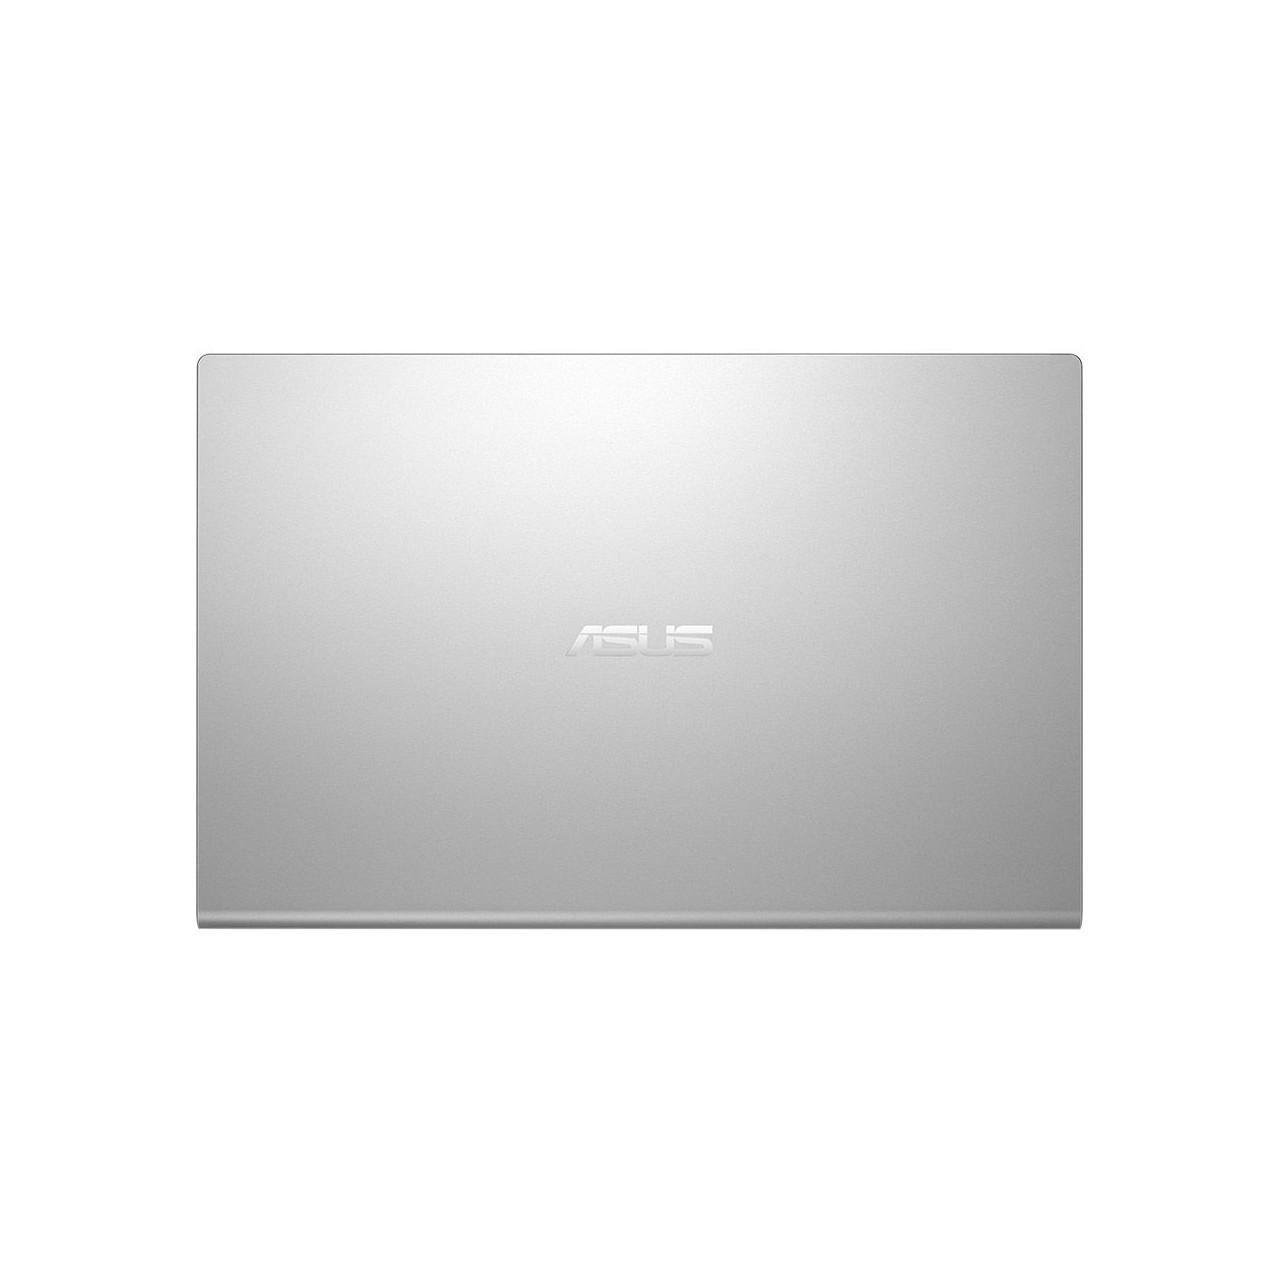 ASUS-X515JA-EJ095T